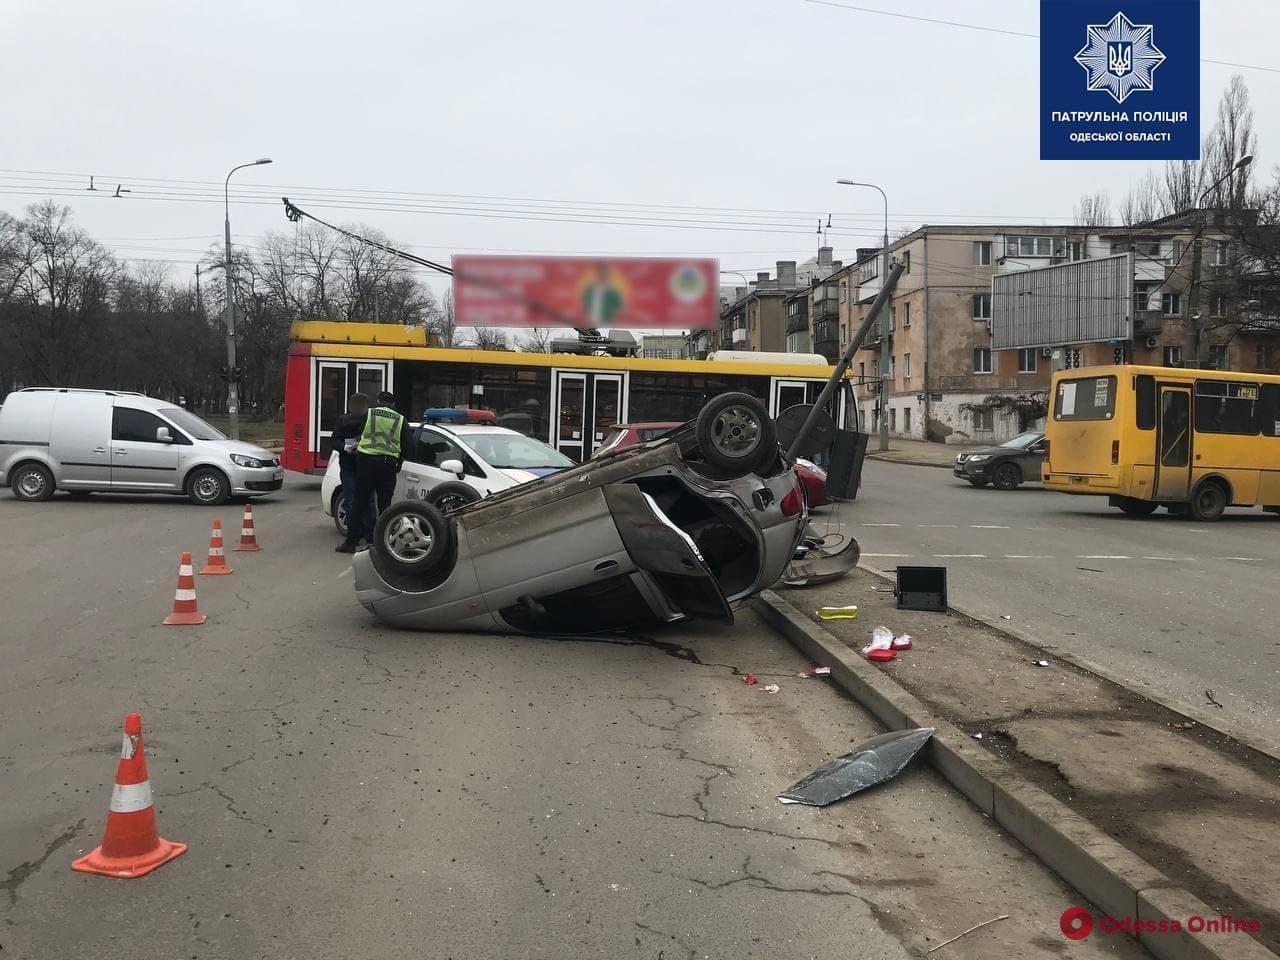 На Балковской легковушка перевернулась после столкновения с троллейбусом — пострадала женщина